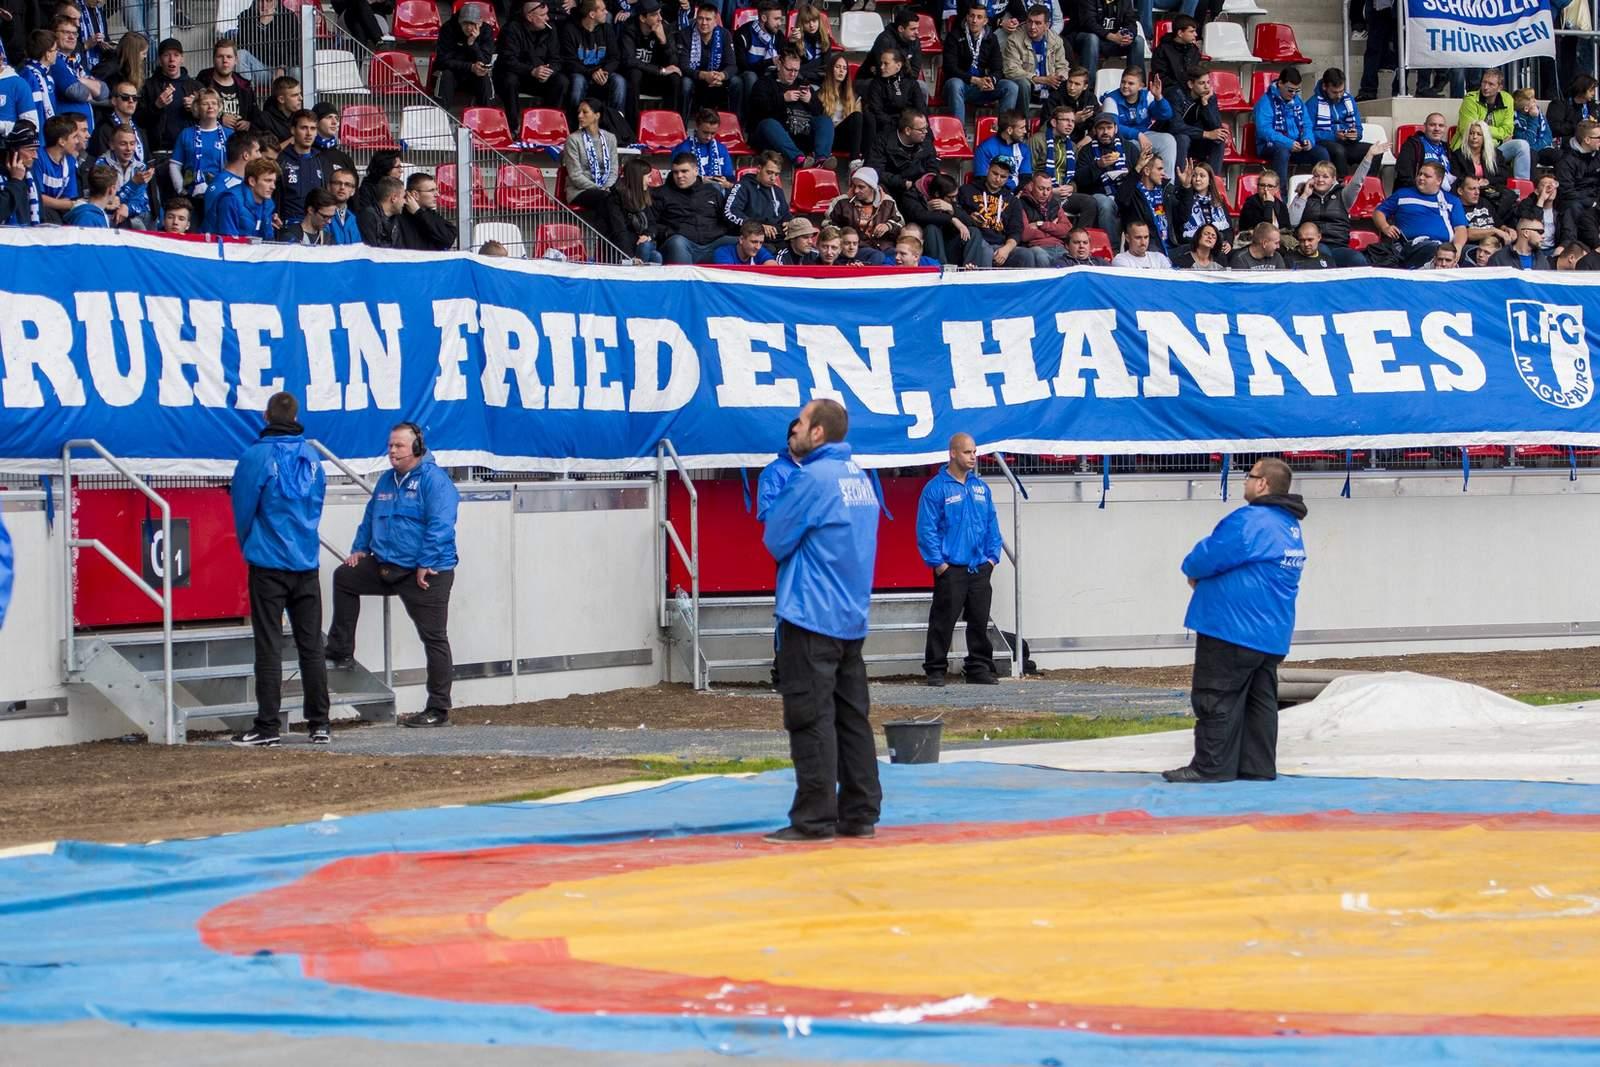 Magdeburg-Fans mit Banner für verstorbenen Fan Hannes